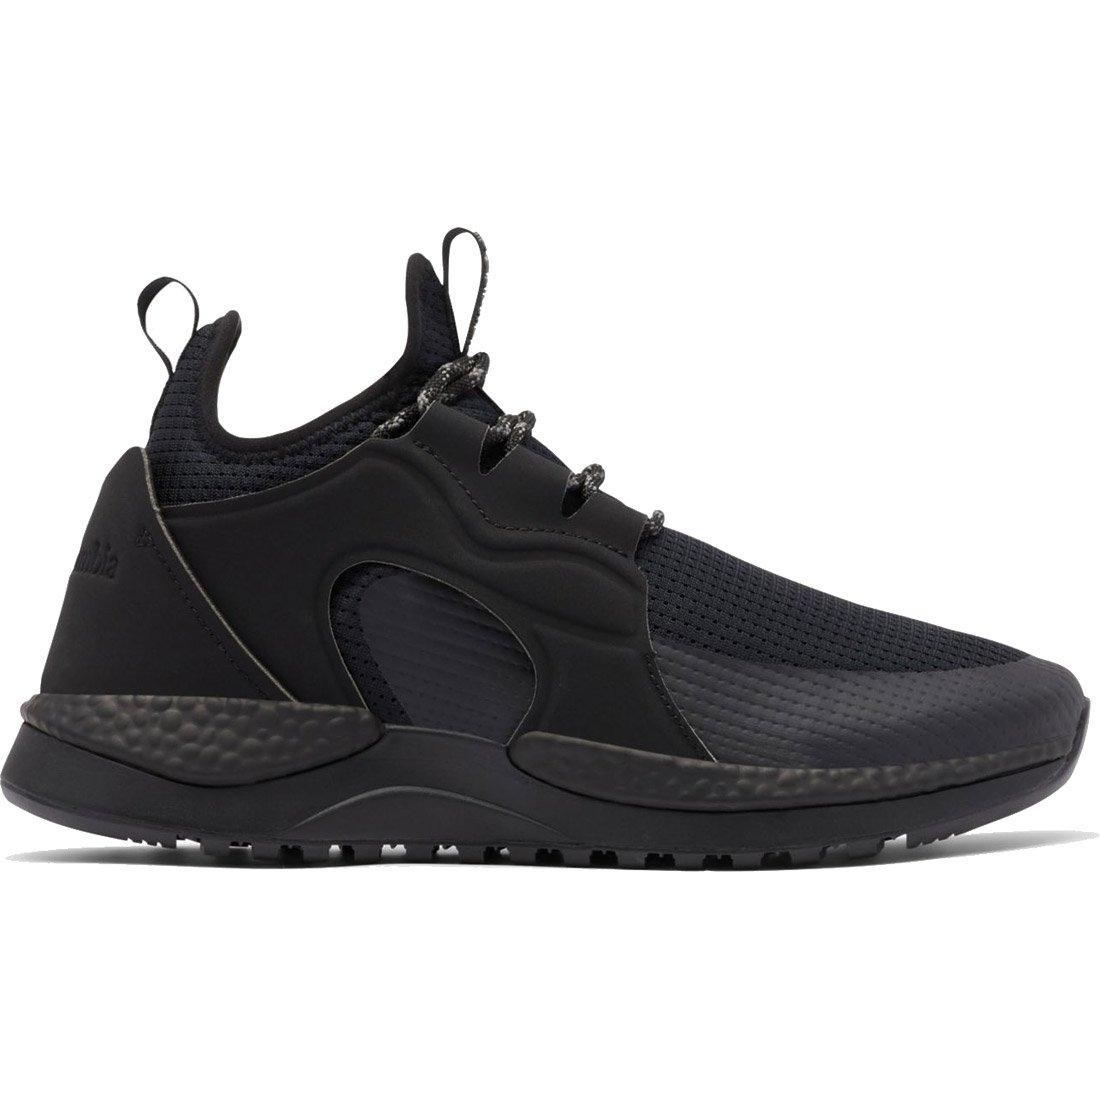 נעליים לגברים - Shift Aurora Prime M - Columbia